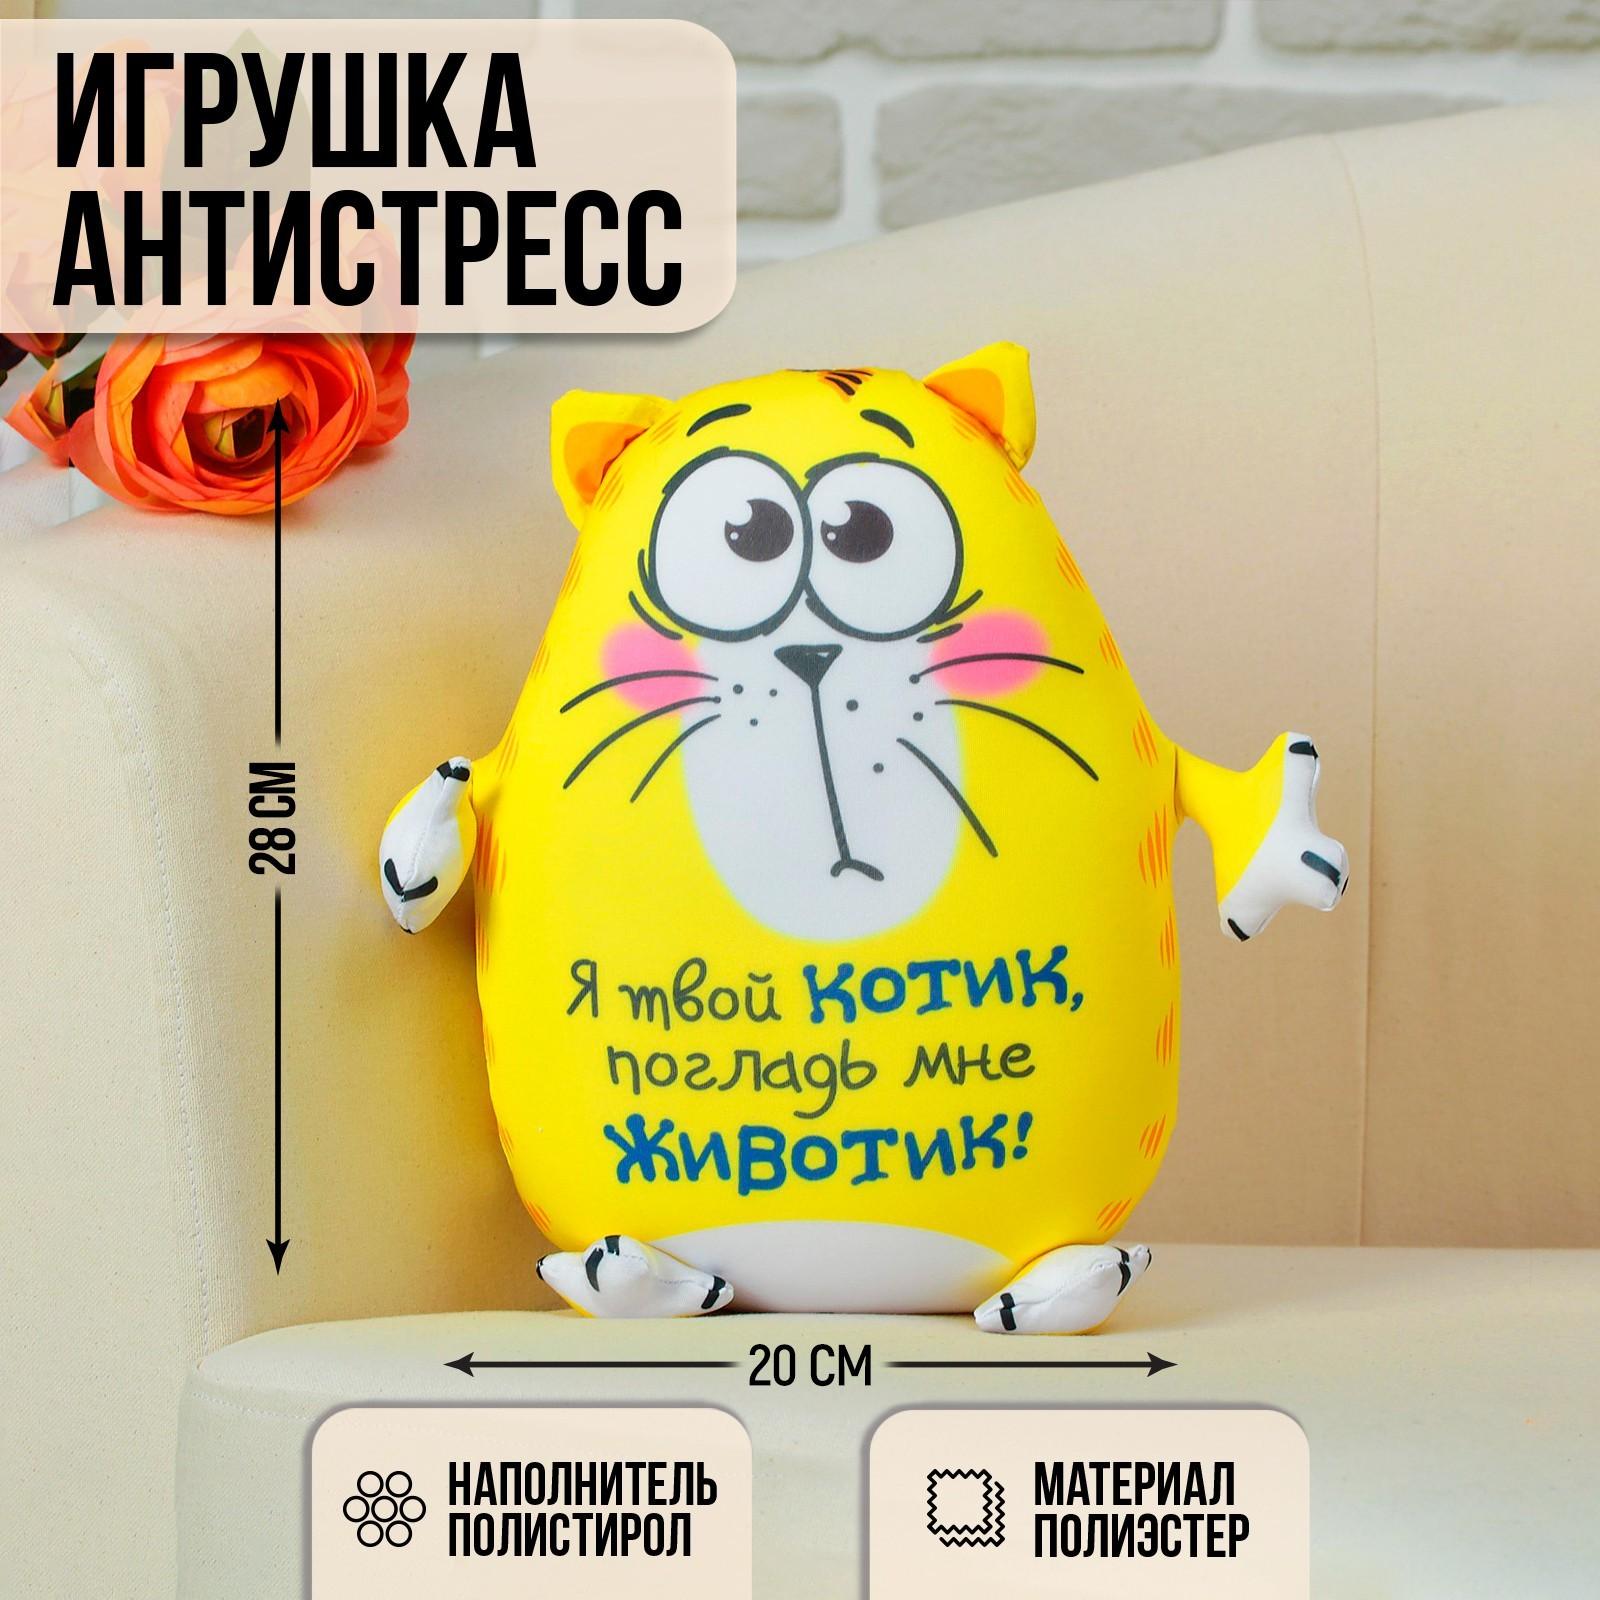 Я твой кот картинки